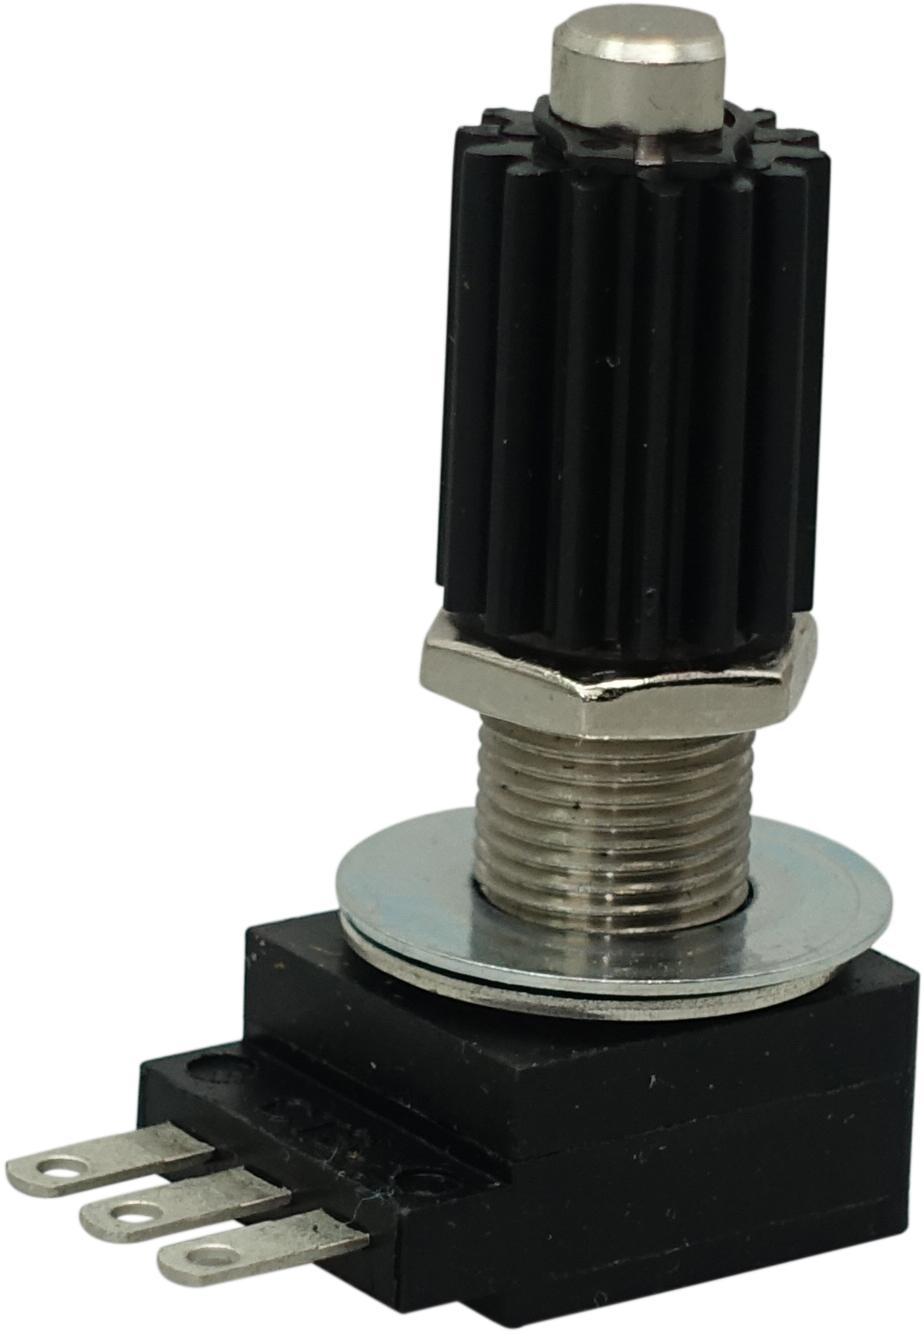 Dunlop Hot Potz II 100k